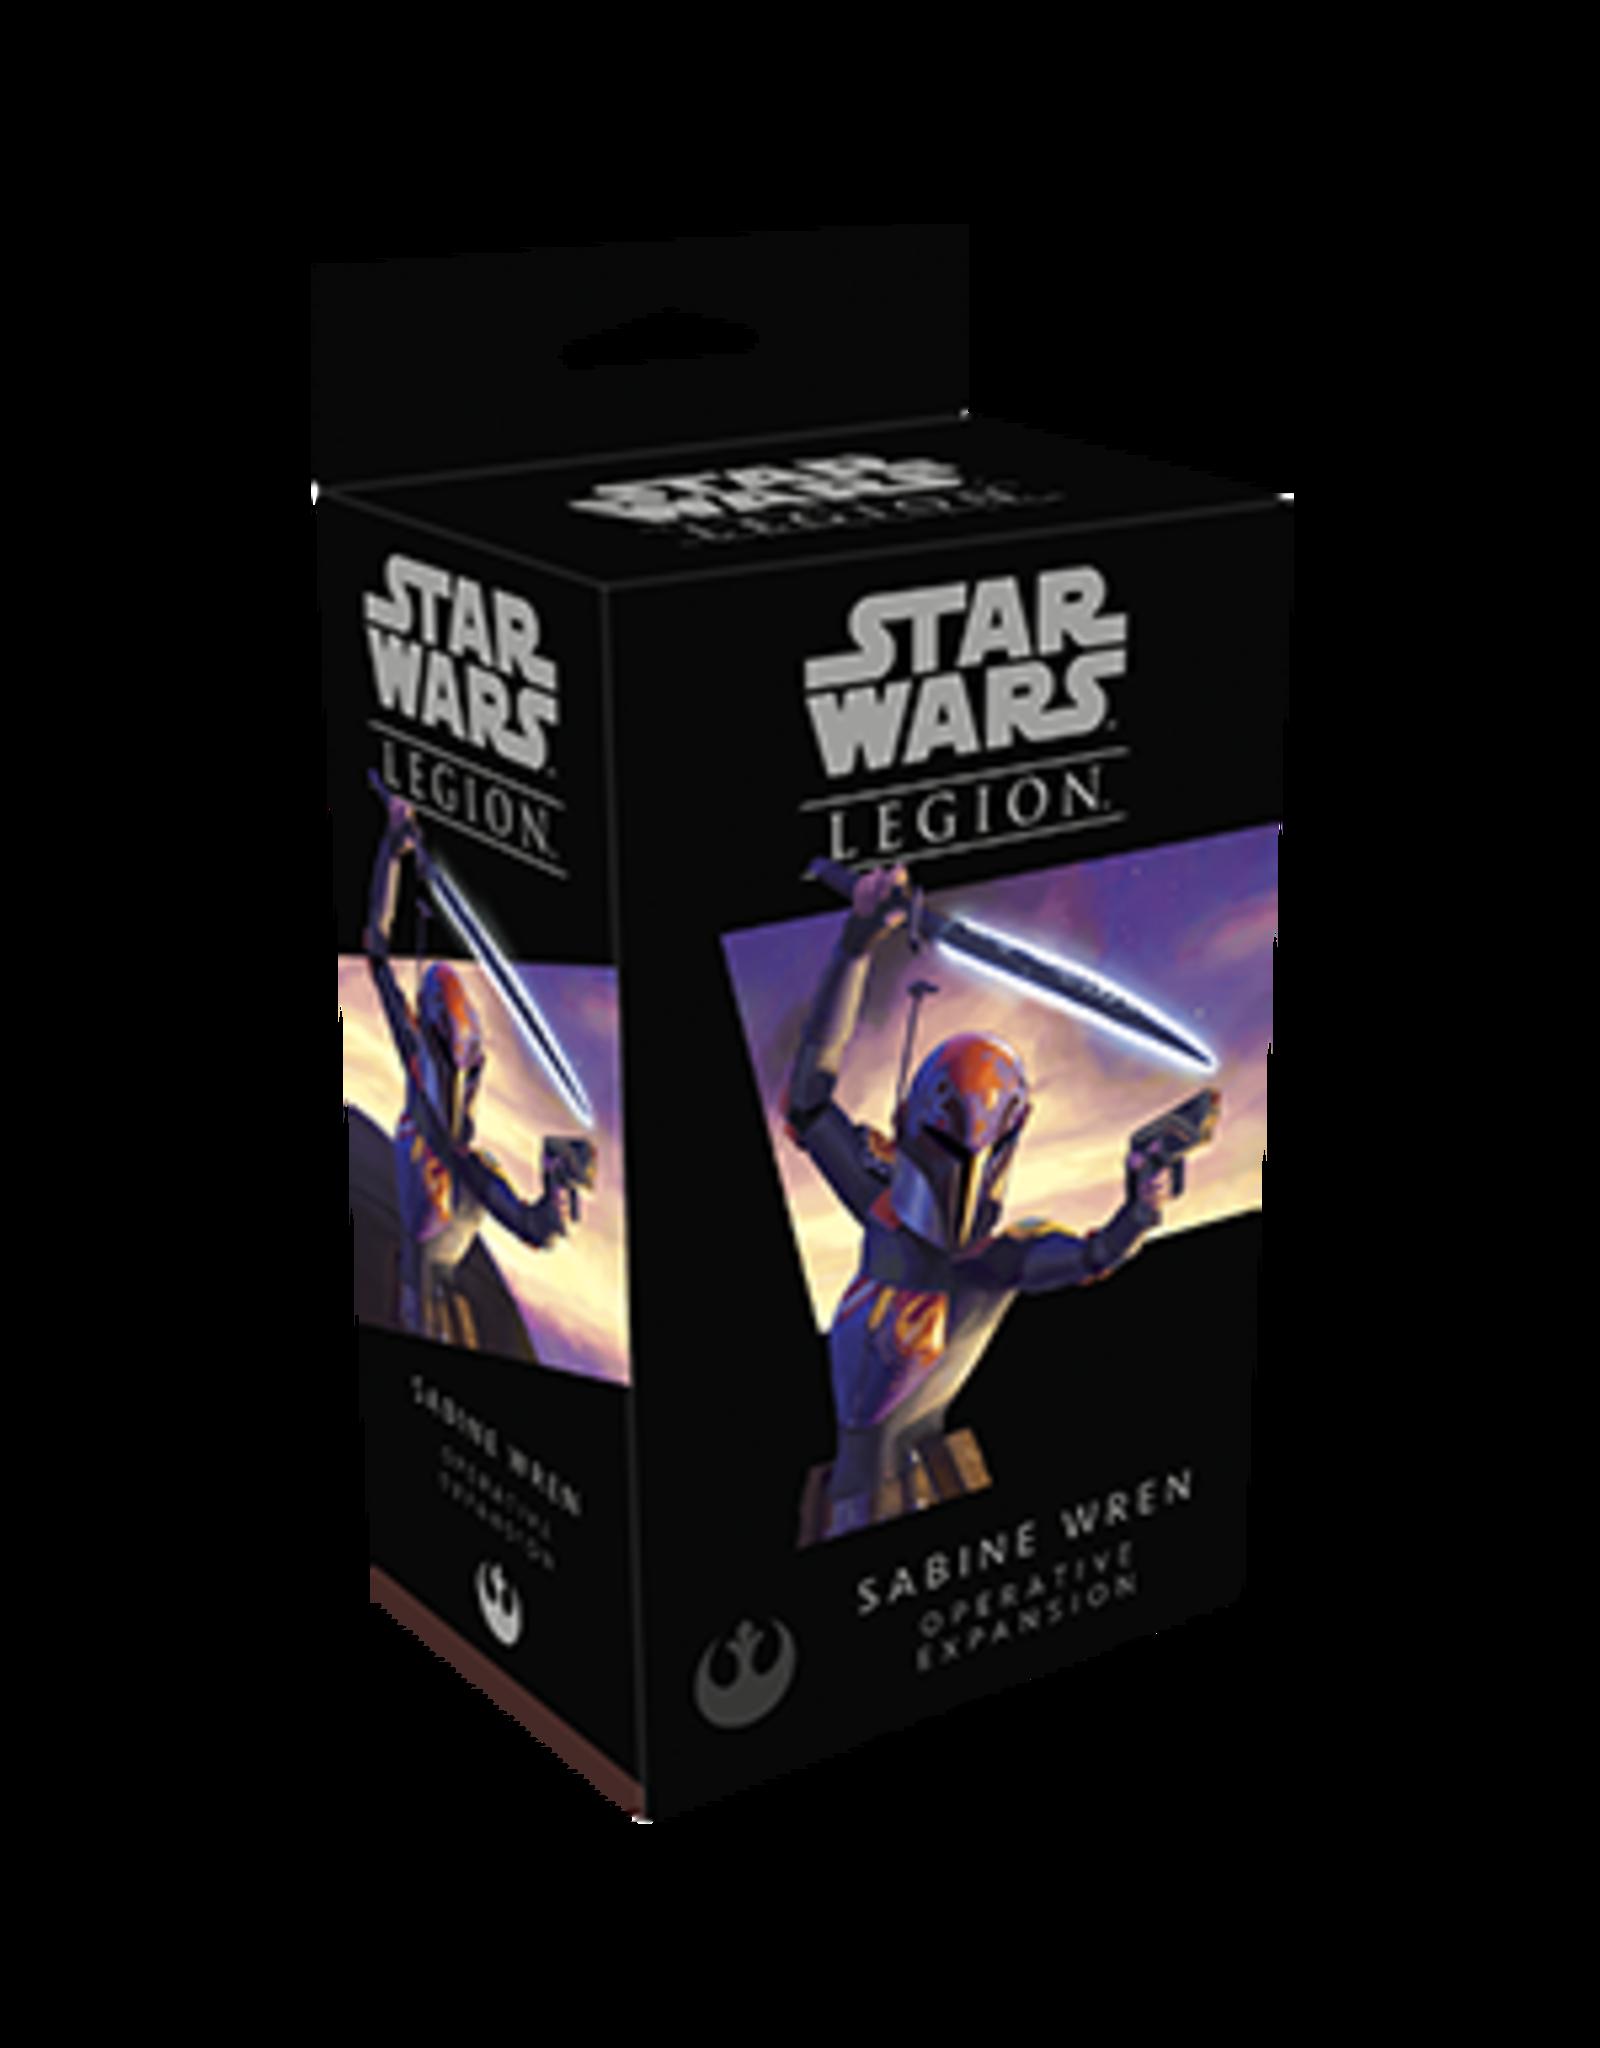 Star Wars: Legion - Sabine Wren Operation Expansion